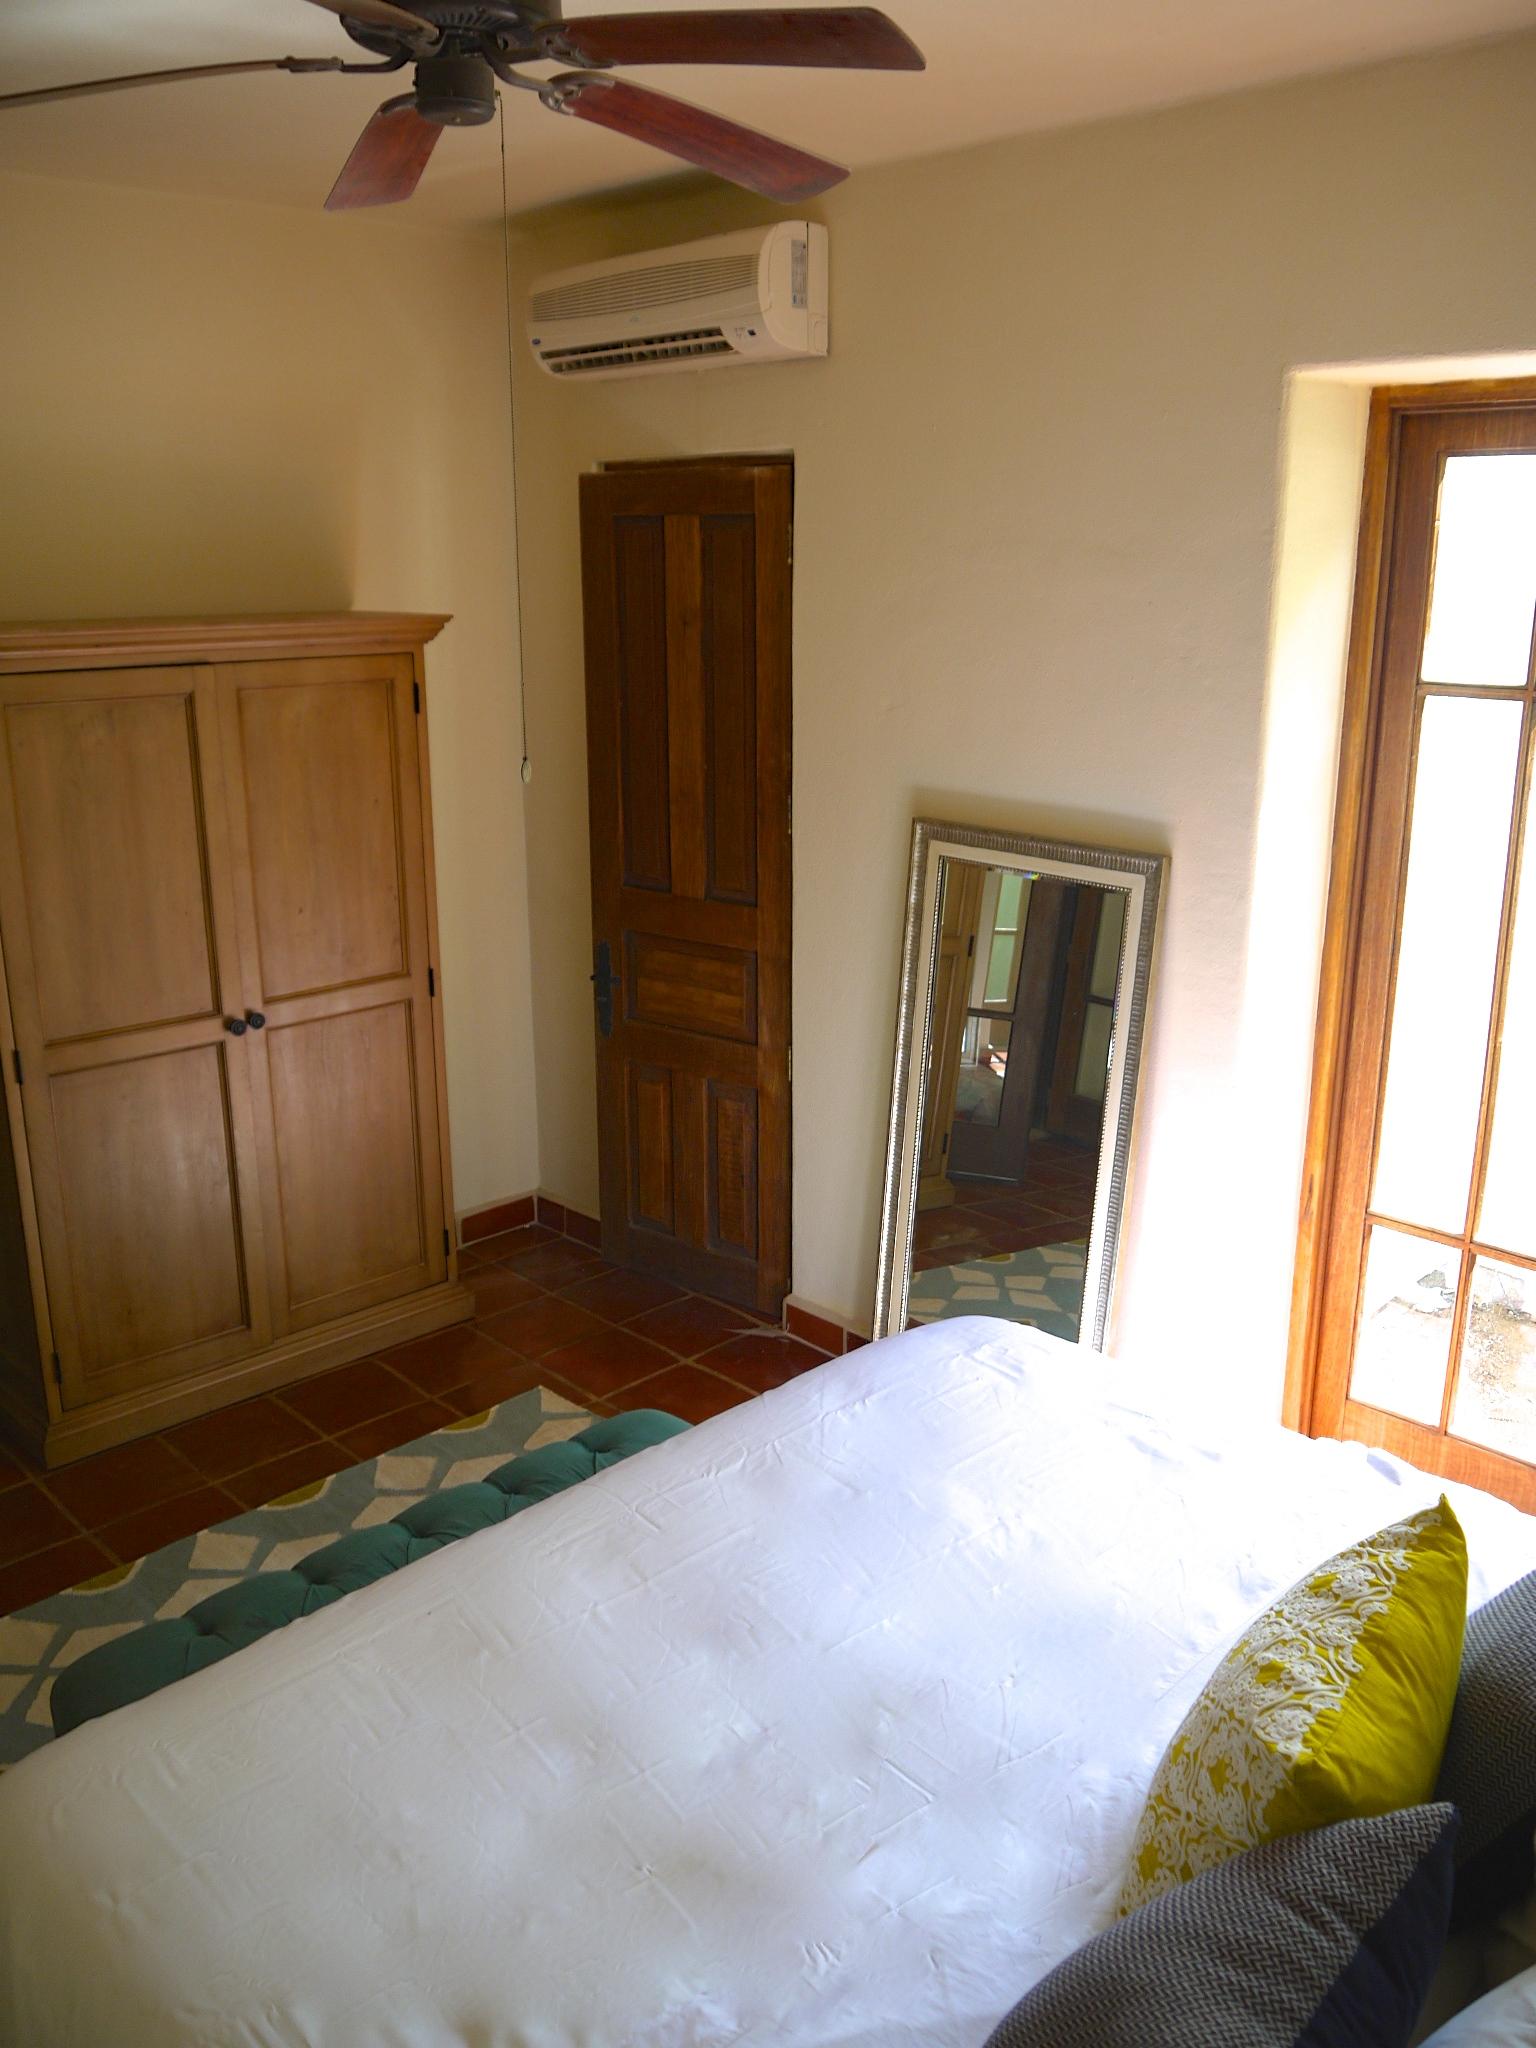 Ground floor master suite